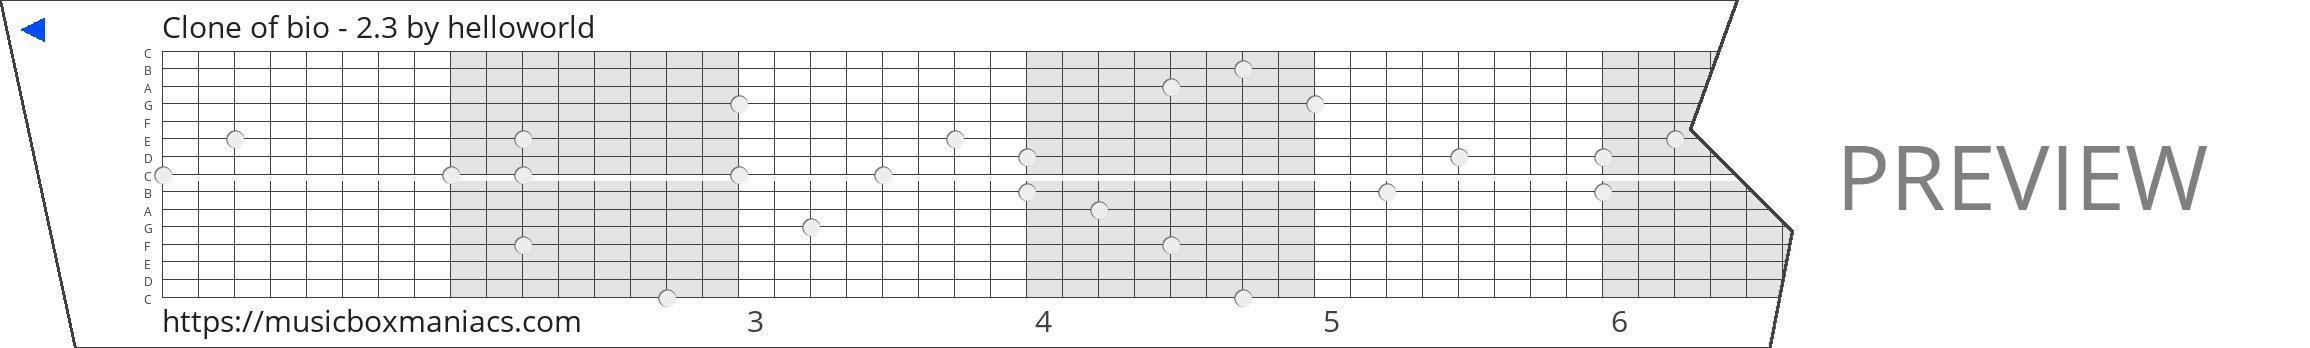 Clone of bio - 2.3 15 note music box paper strip